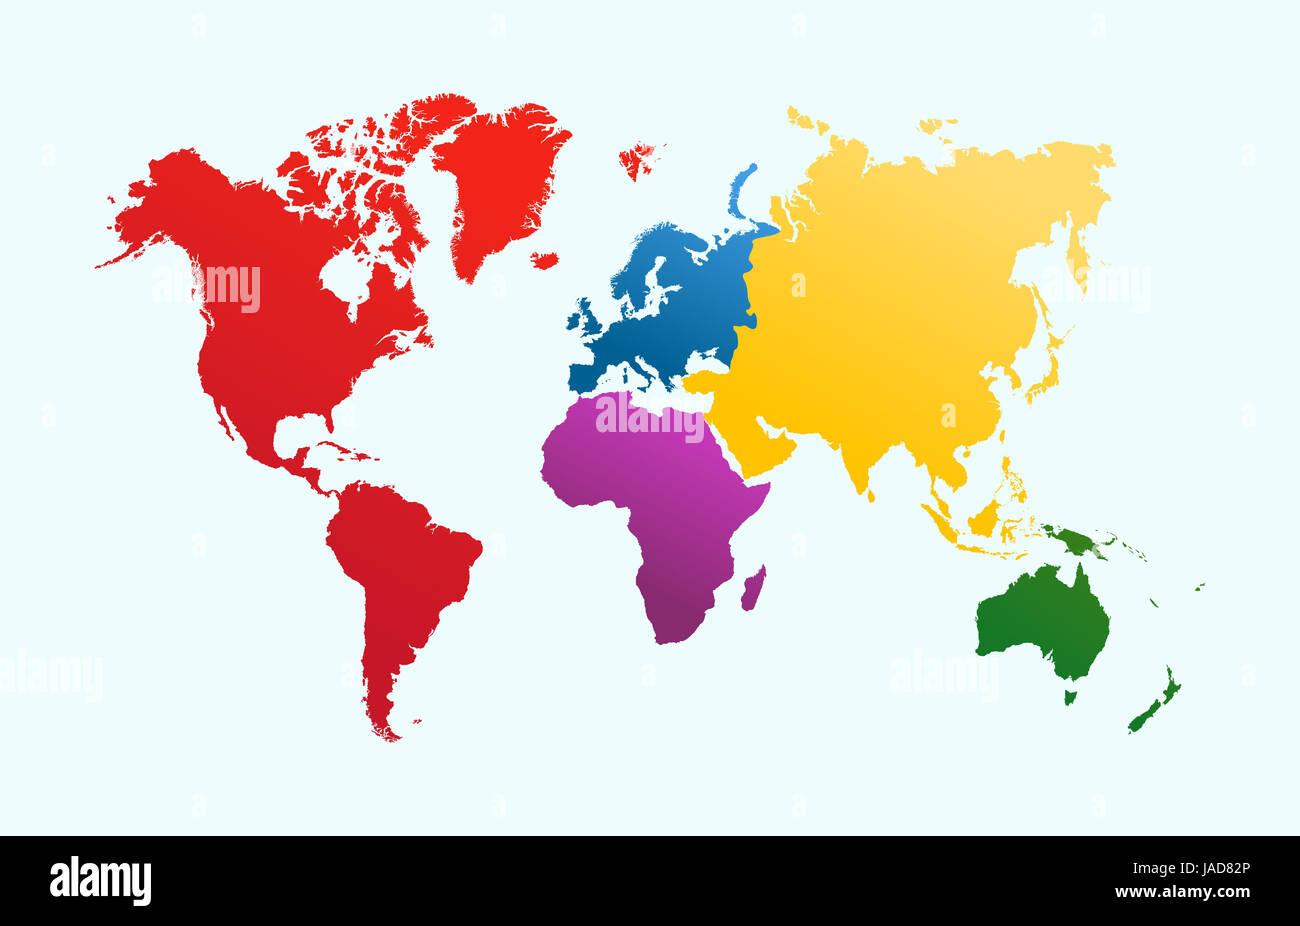 atlas-du-monde-continents - Photos